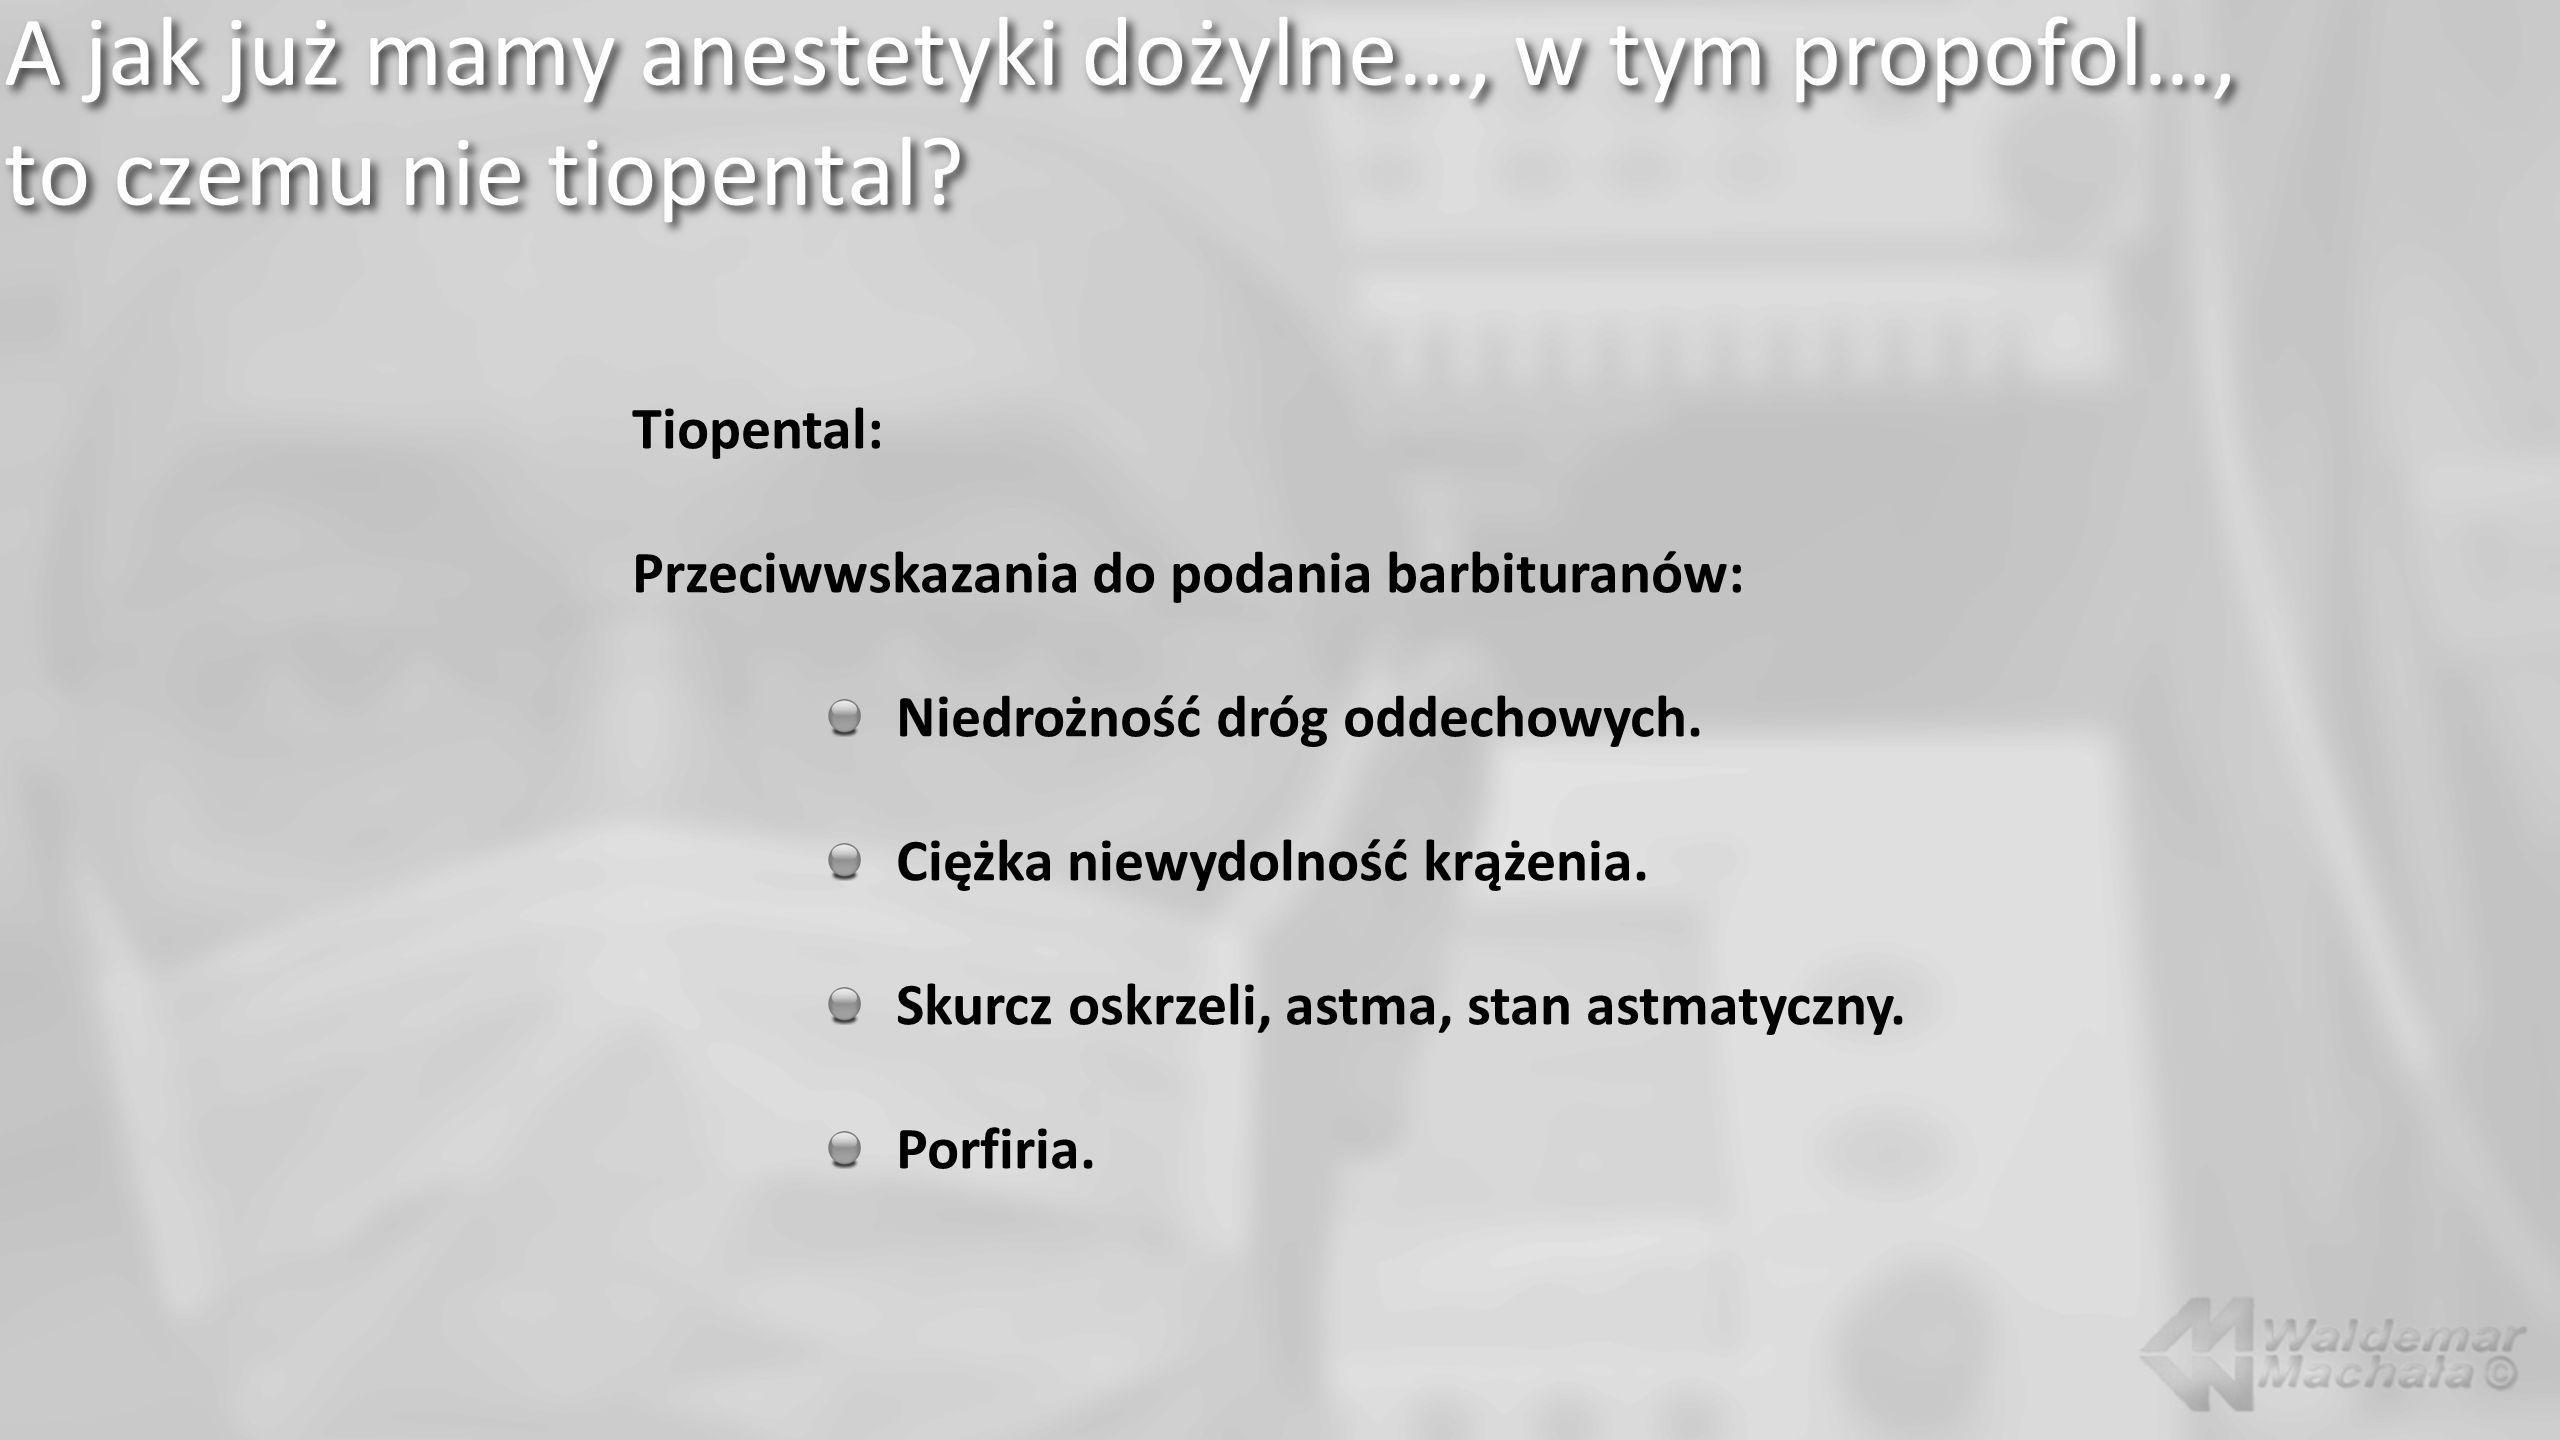 A jak już mamy anestetyki dożylne…, w tym propofol…, to czemu nie tiopental